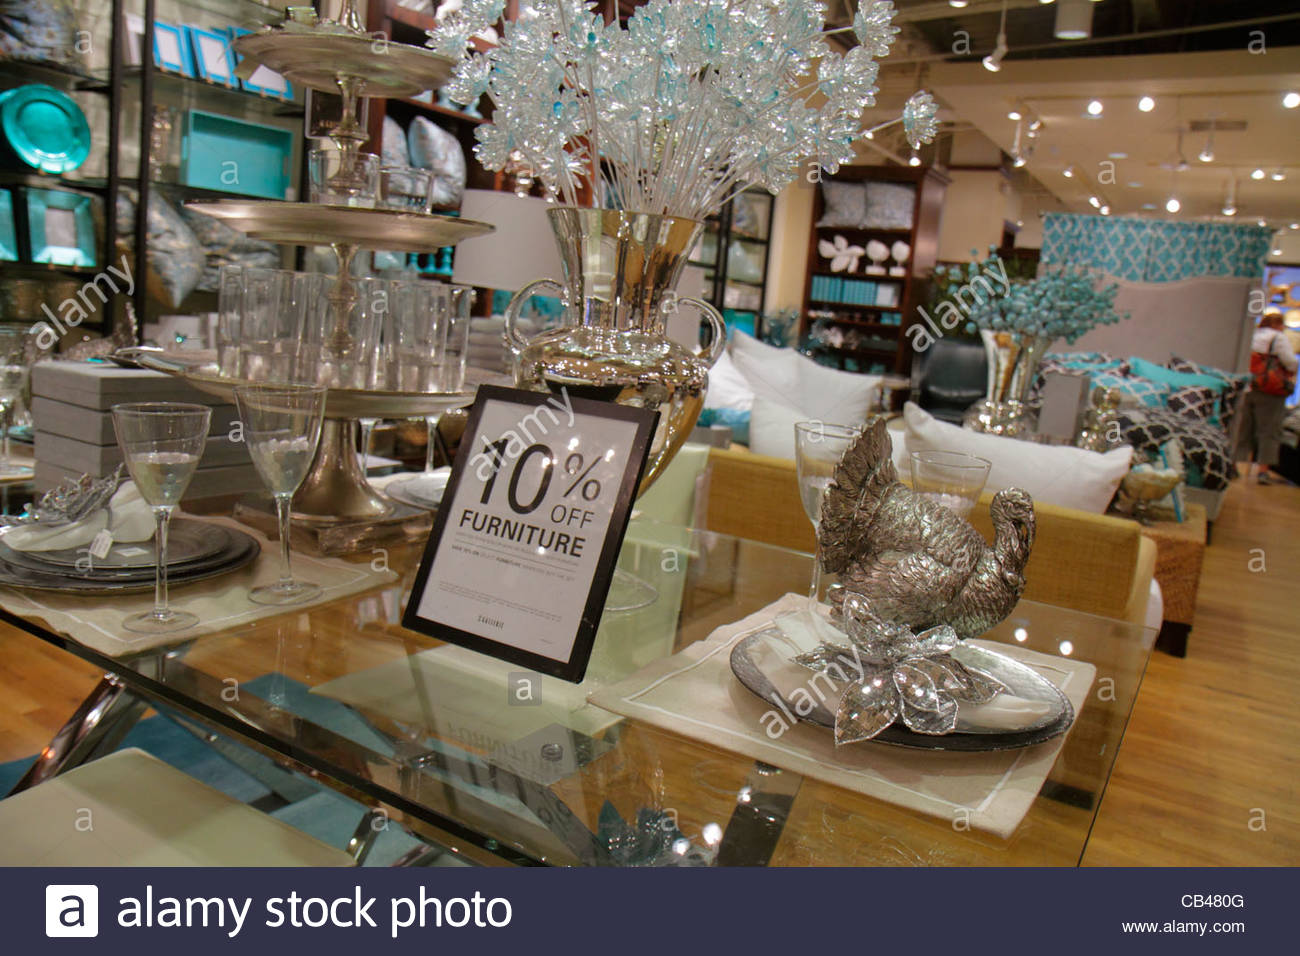 Boca Raton Florida Mizner Park Plaza Real Shopping Retail Display For Stock Photo Royalty Free